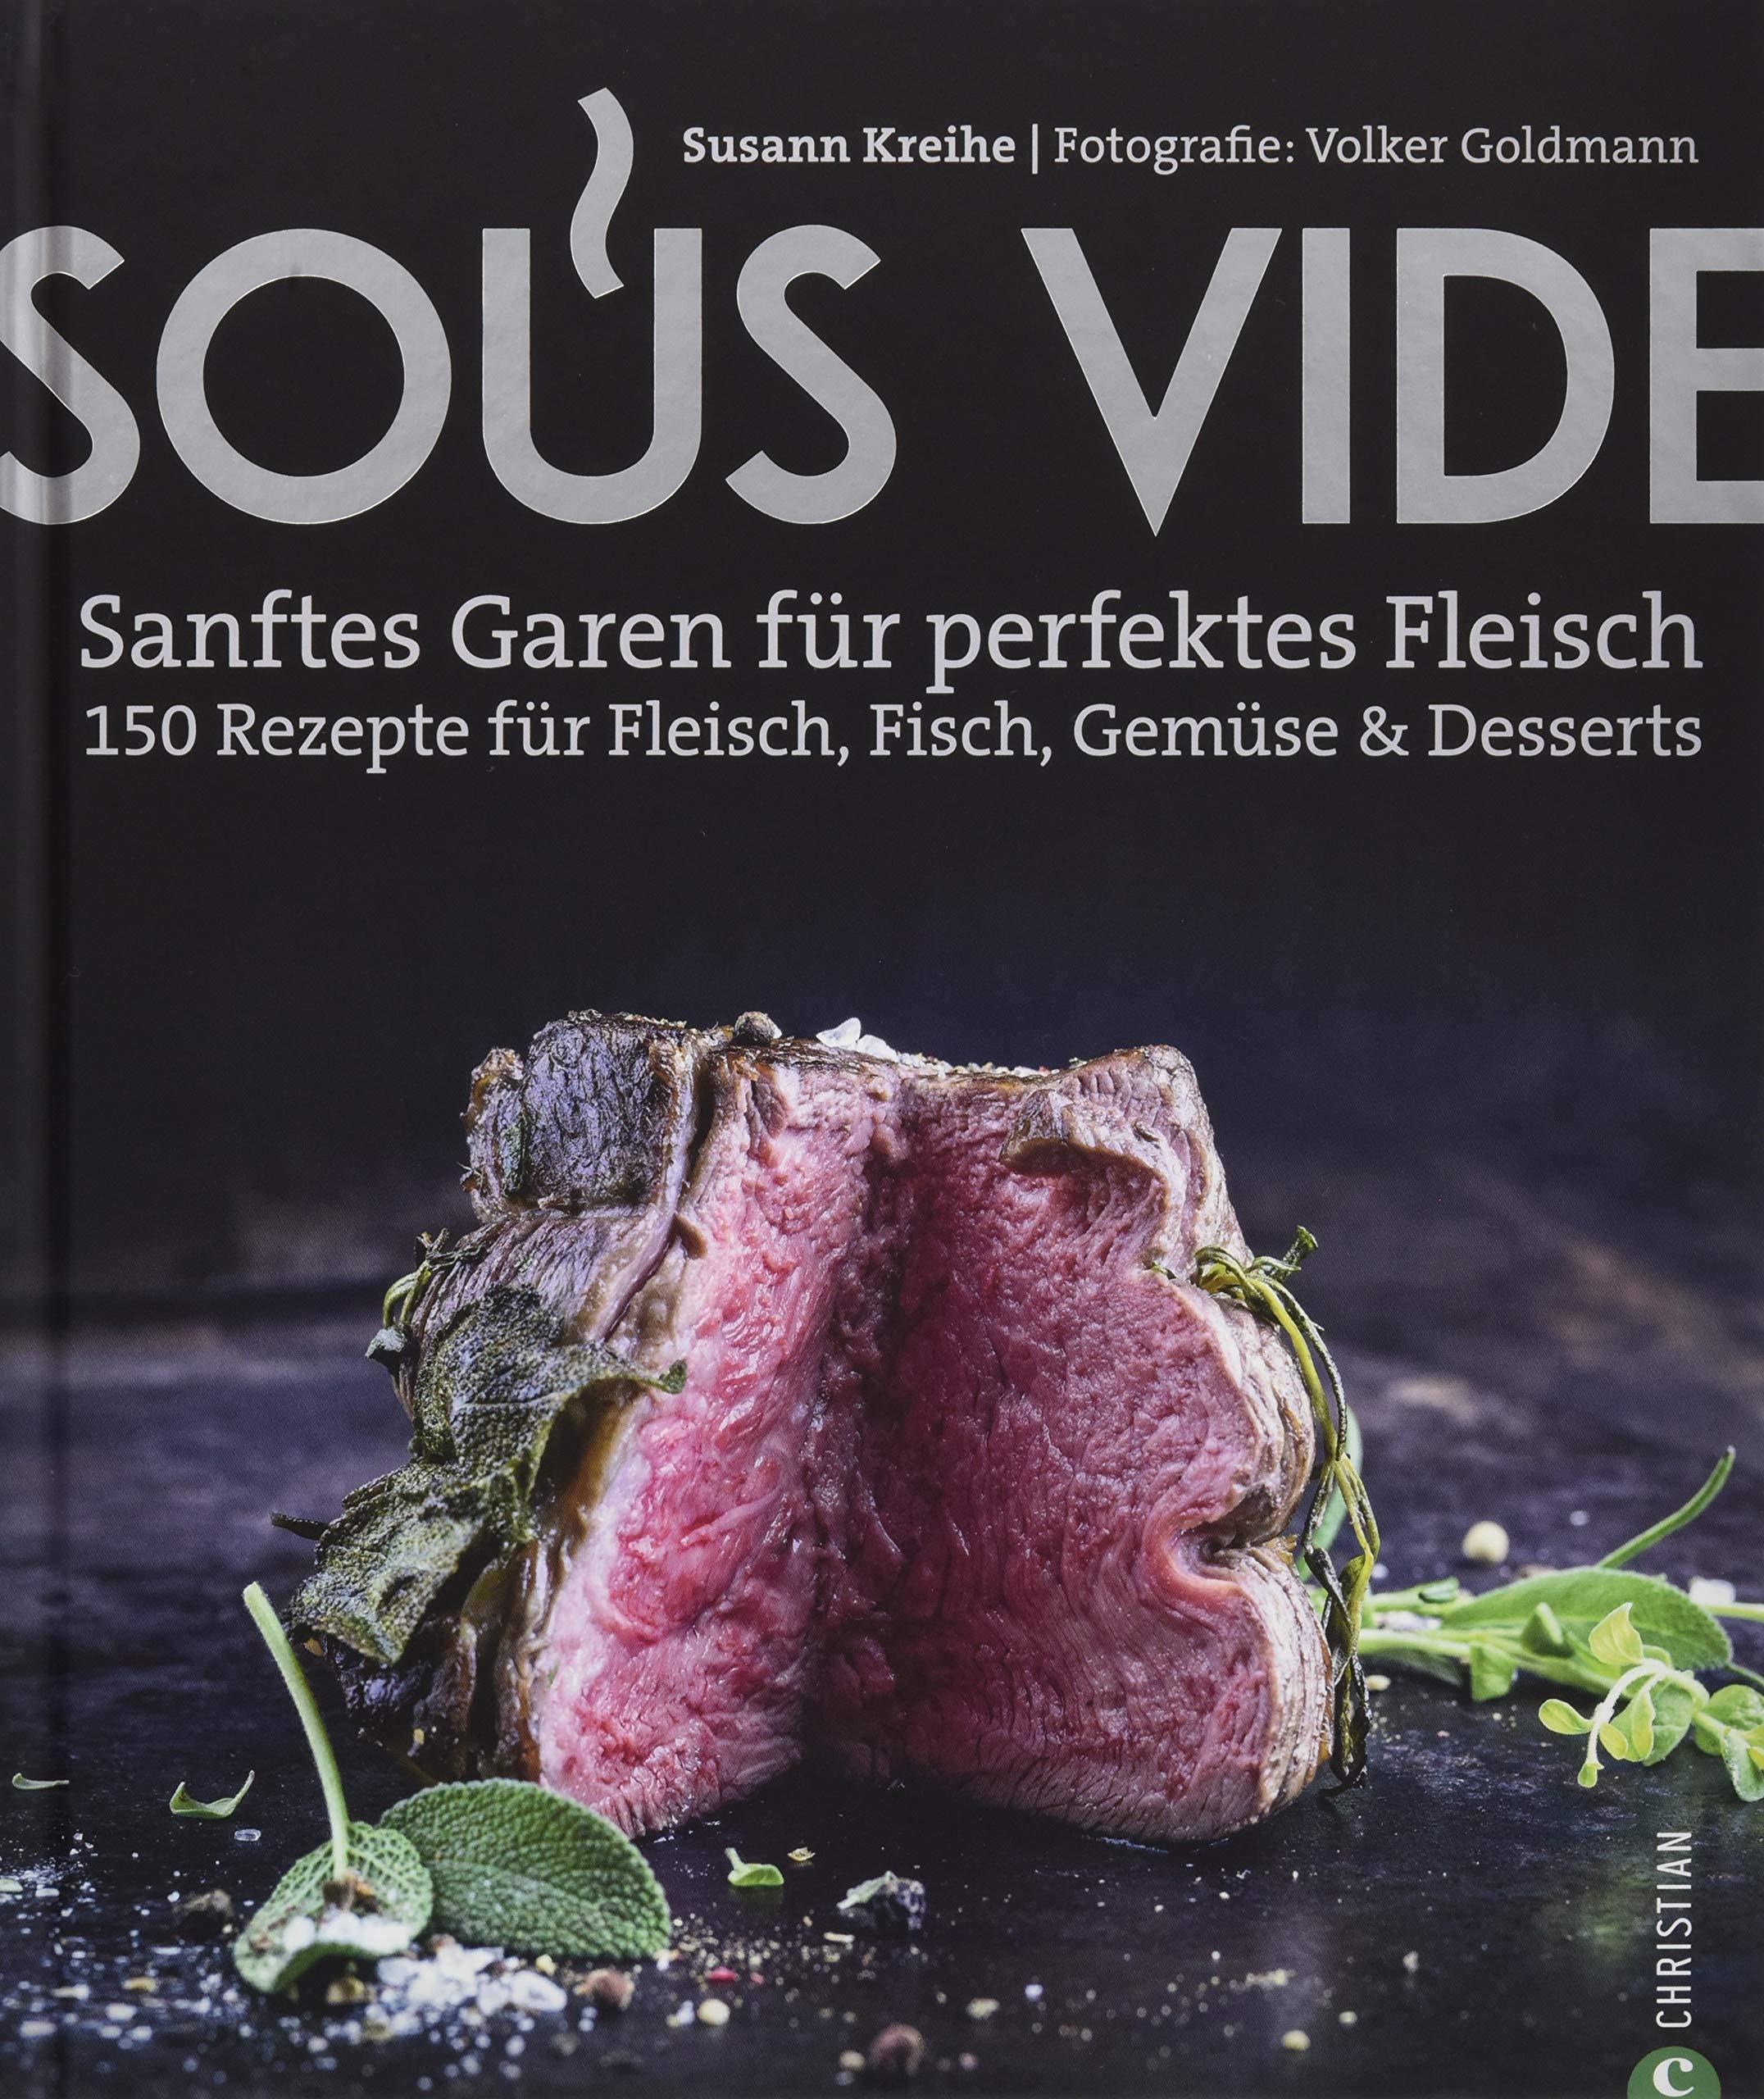 Kochbuch  Sous Vide. Sanftes Garen Für Perfektes Fleisch. 150 Rezepte Für Fleisch Fisch Gemüse And Desserts. Mit Geheimtipps Aus Der Profiküche.